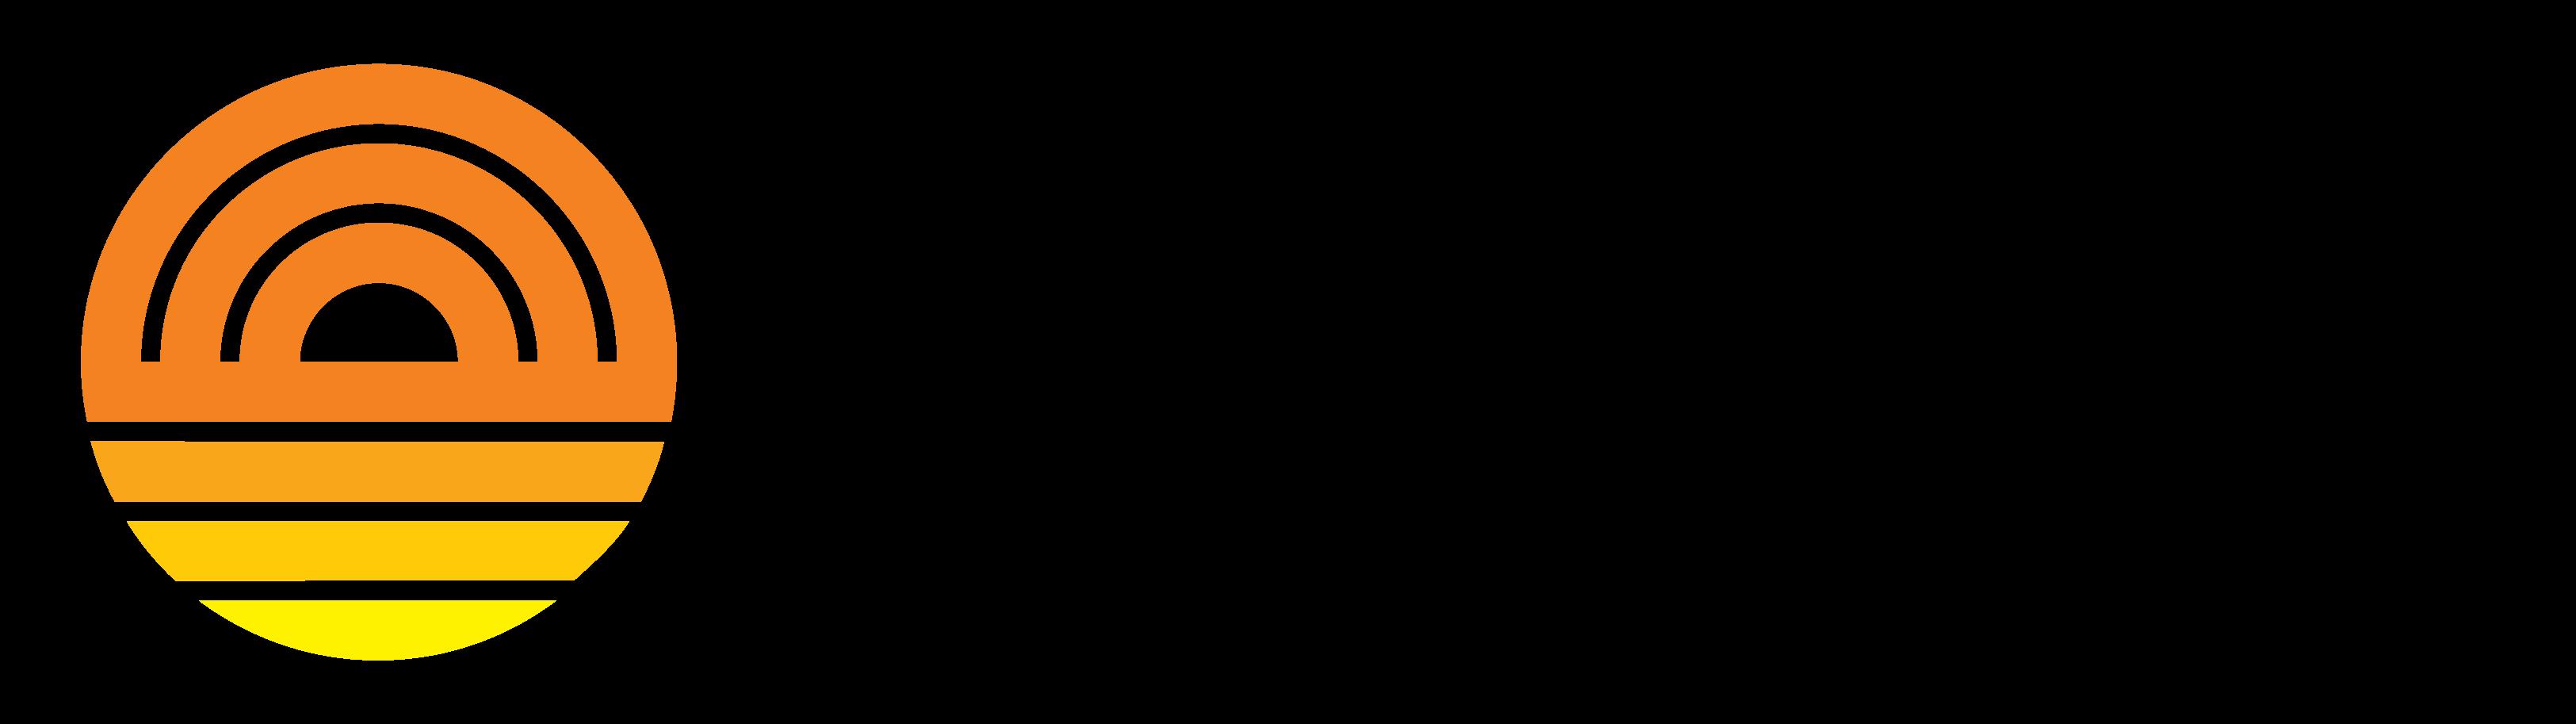 sulinox